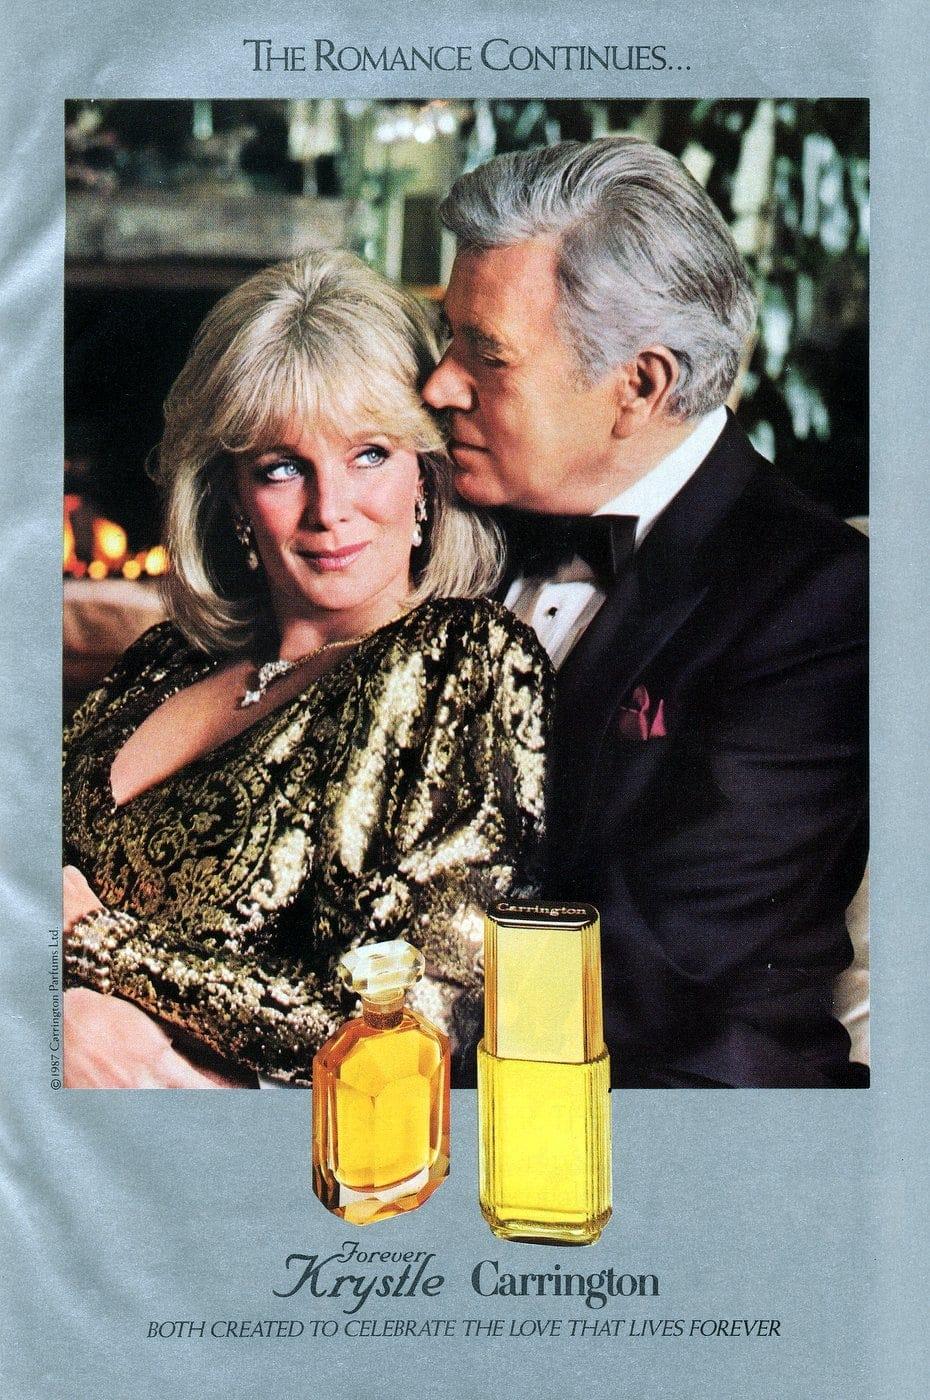 Vintage Forever Krystle fragrance based on Dynasty TV show - 1980s